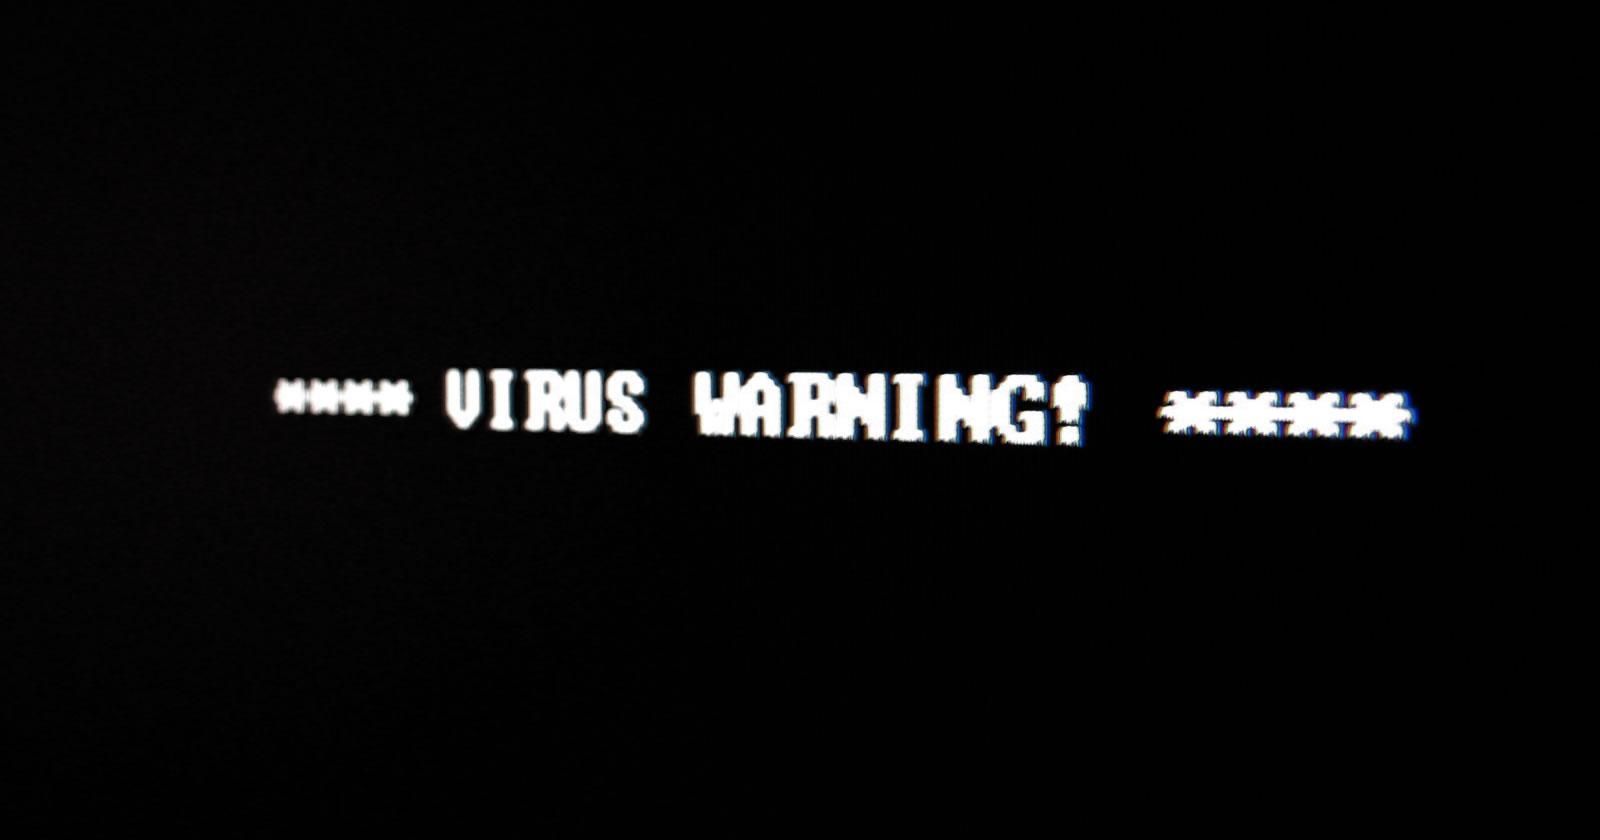 virus-waarschuwing